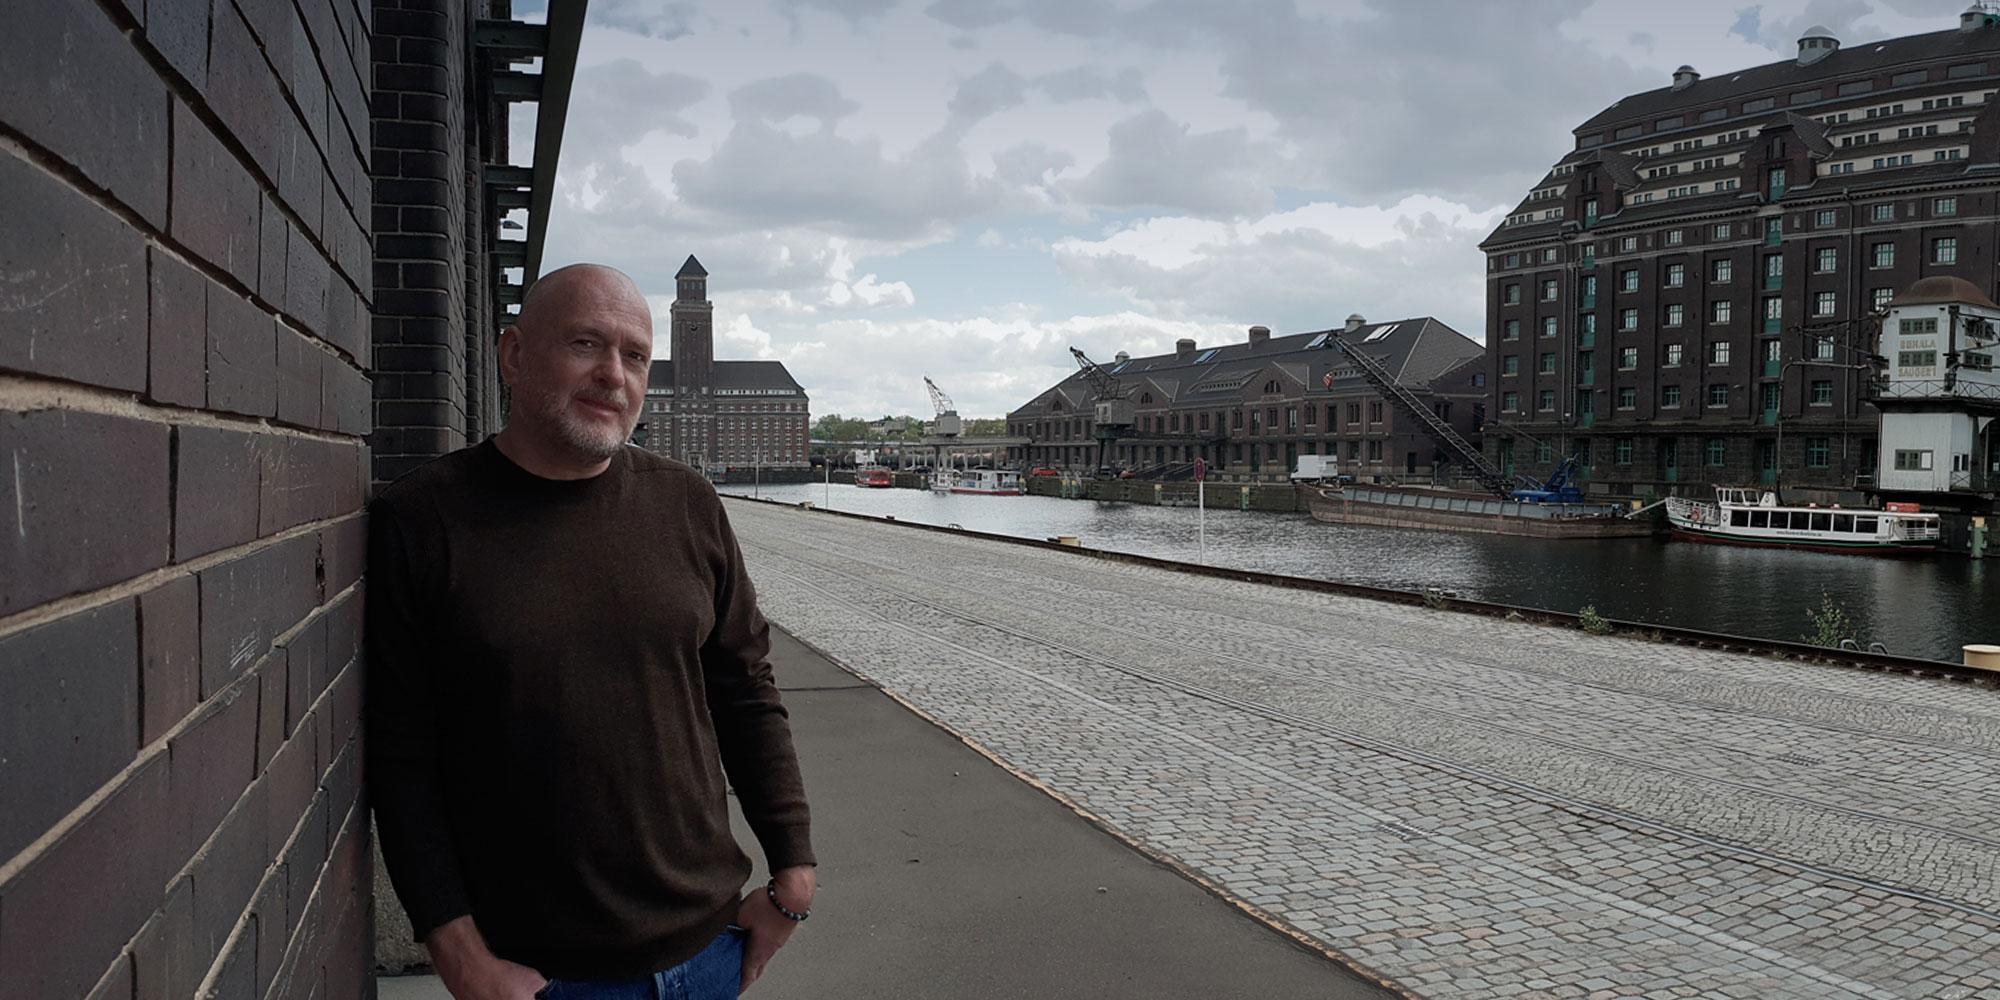 Jörg Karweick